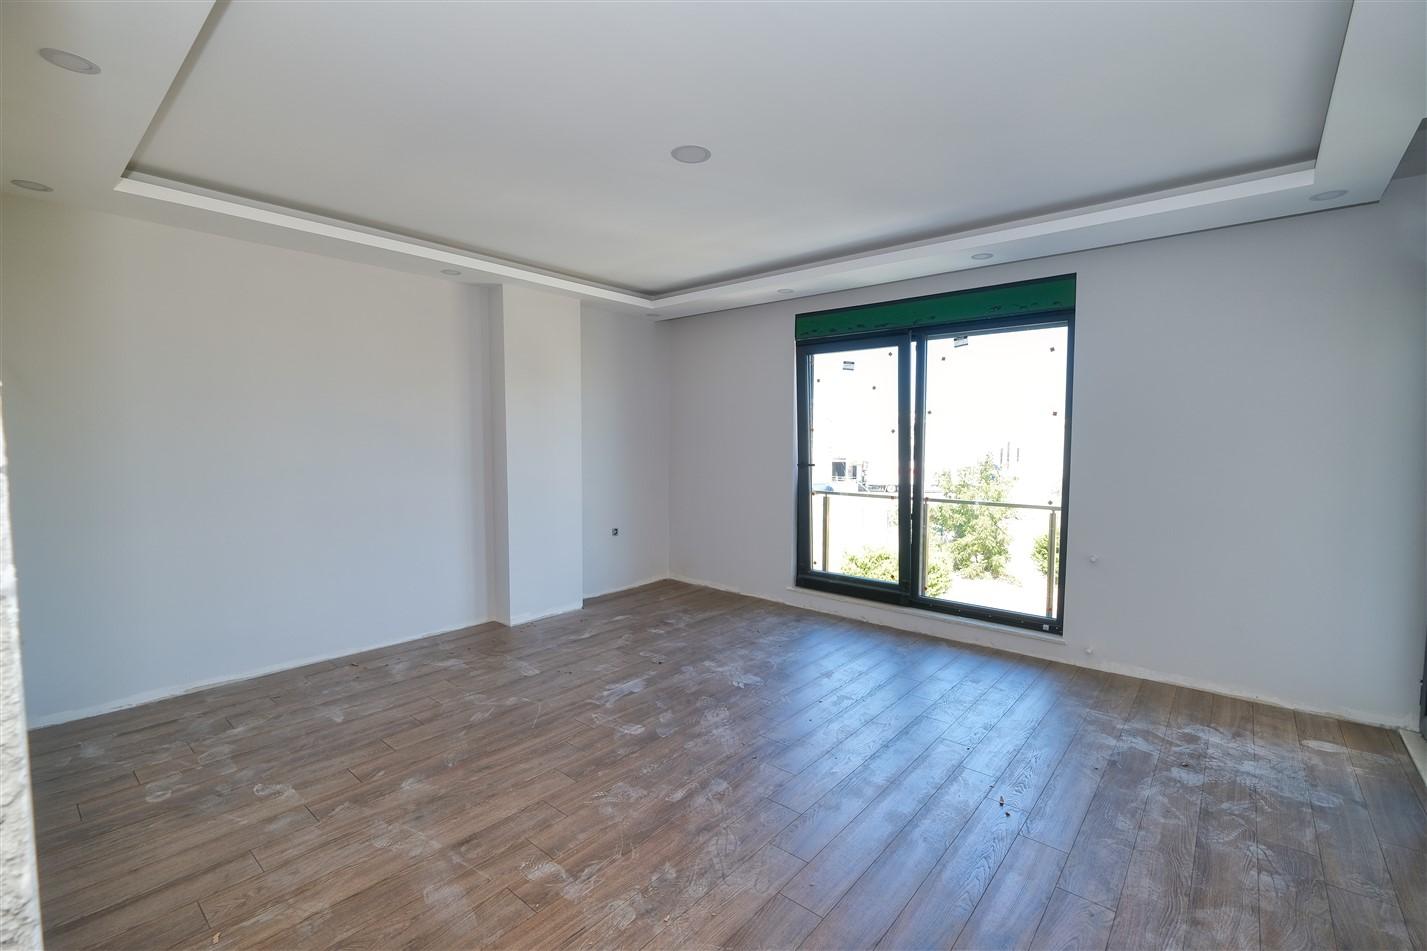 Четырёхкомнатная квартира в Анталье по демократичной цене - Фото 13